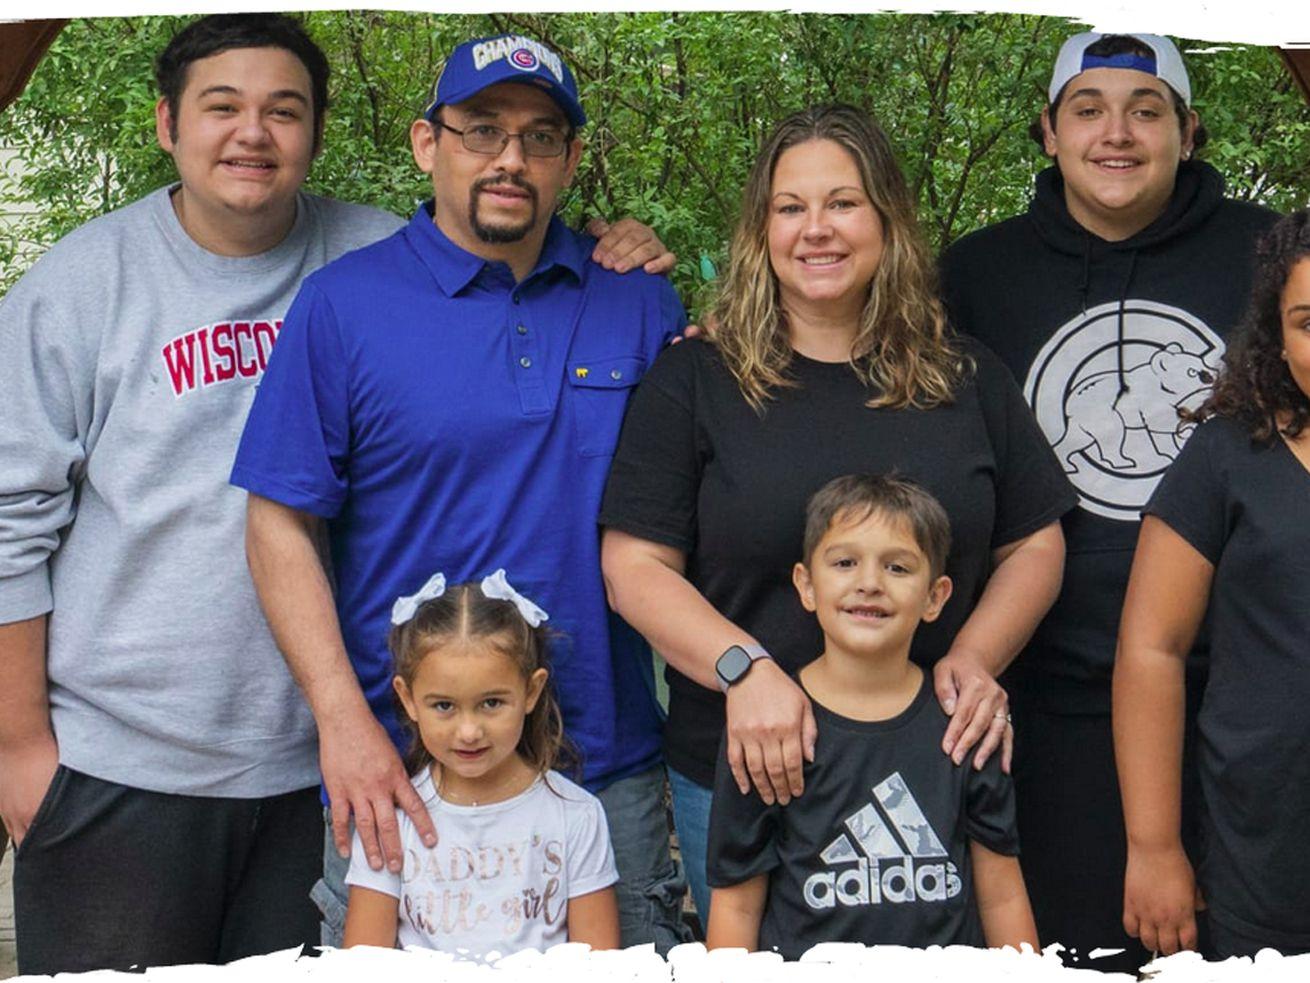 Isaiah, Aidan, Jocelyn, Evelyn and Alex Elizarraraz stand alongside their parents, Kristin Glauner and Cesar Mauricio Elizarraraz (in blue shirt) outside their home in Crystal Lake.